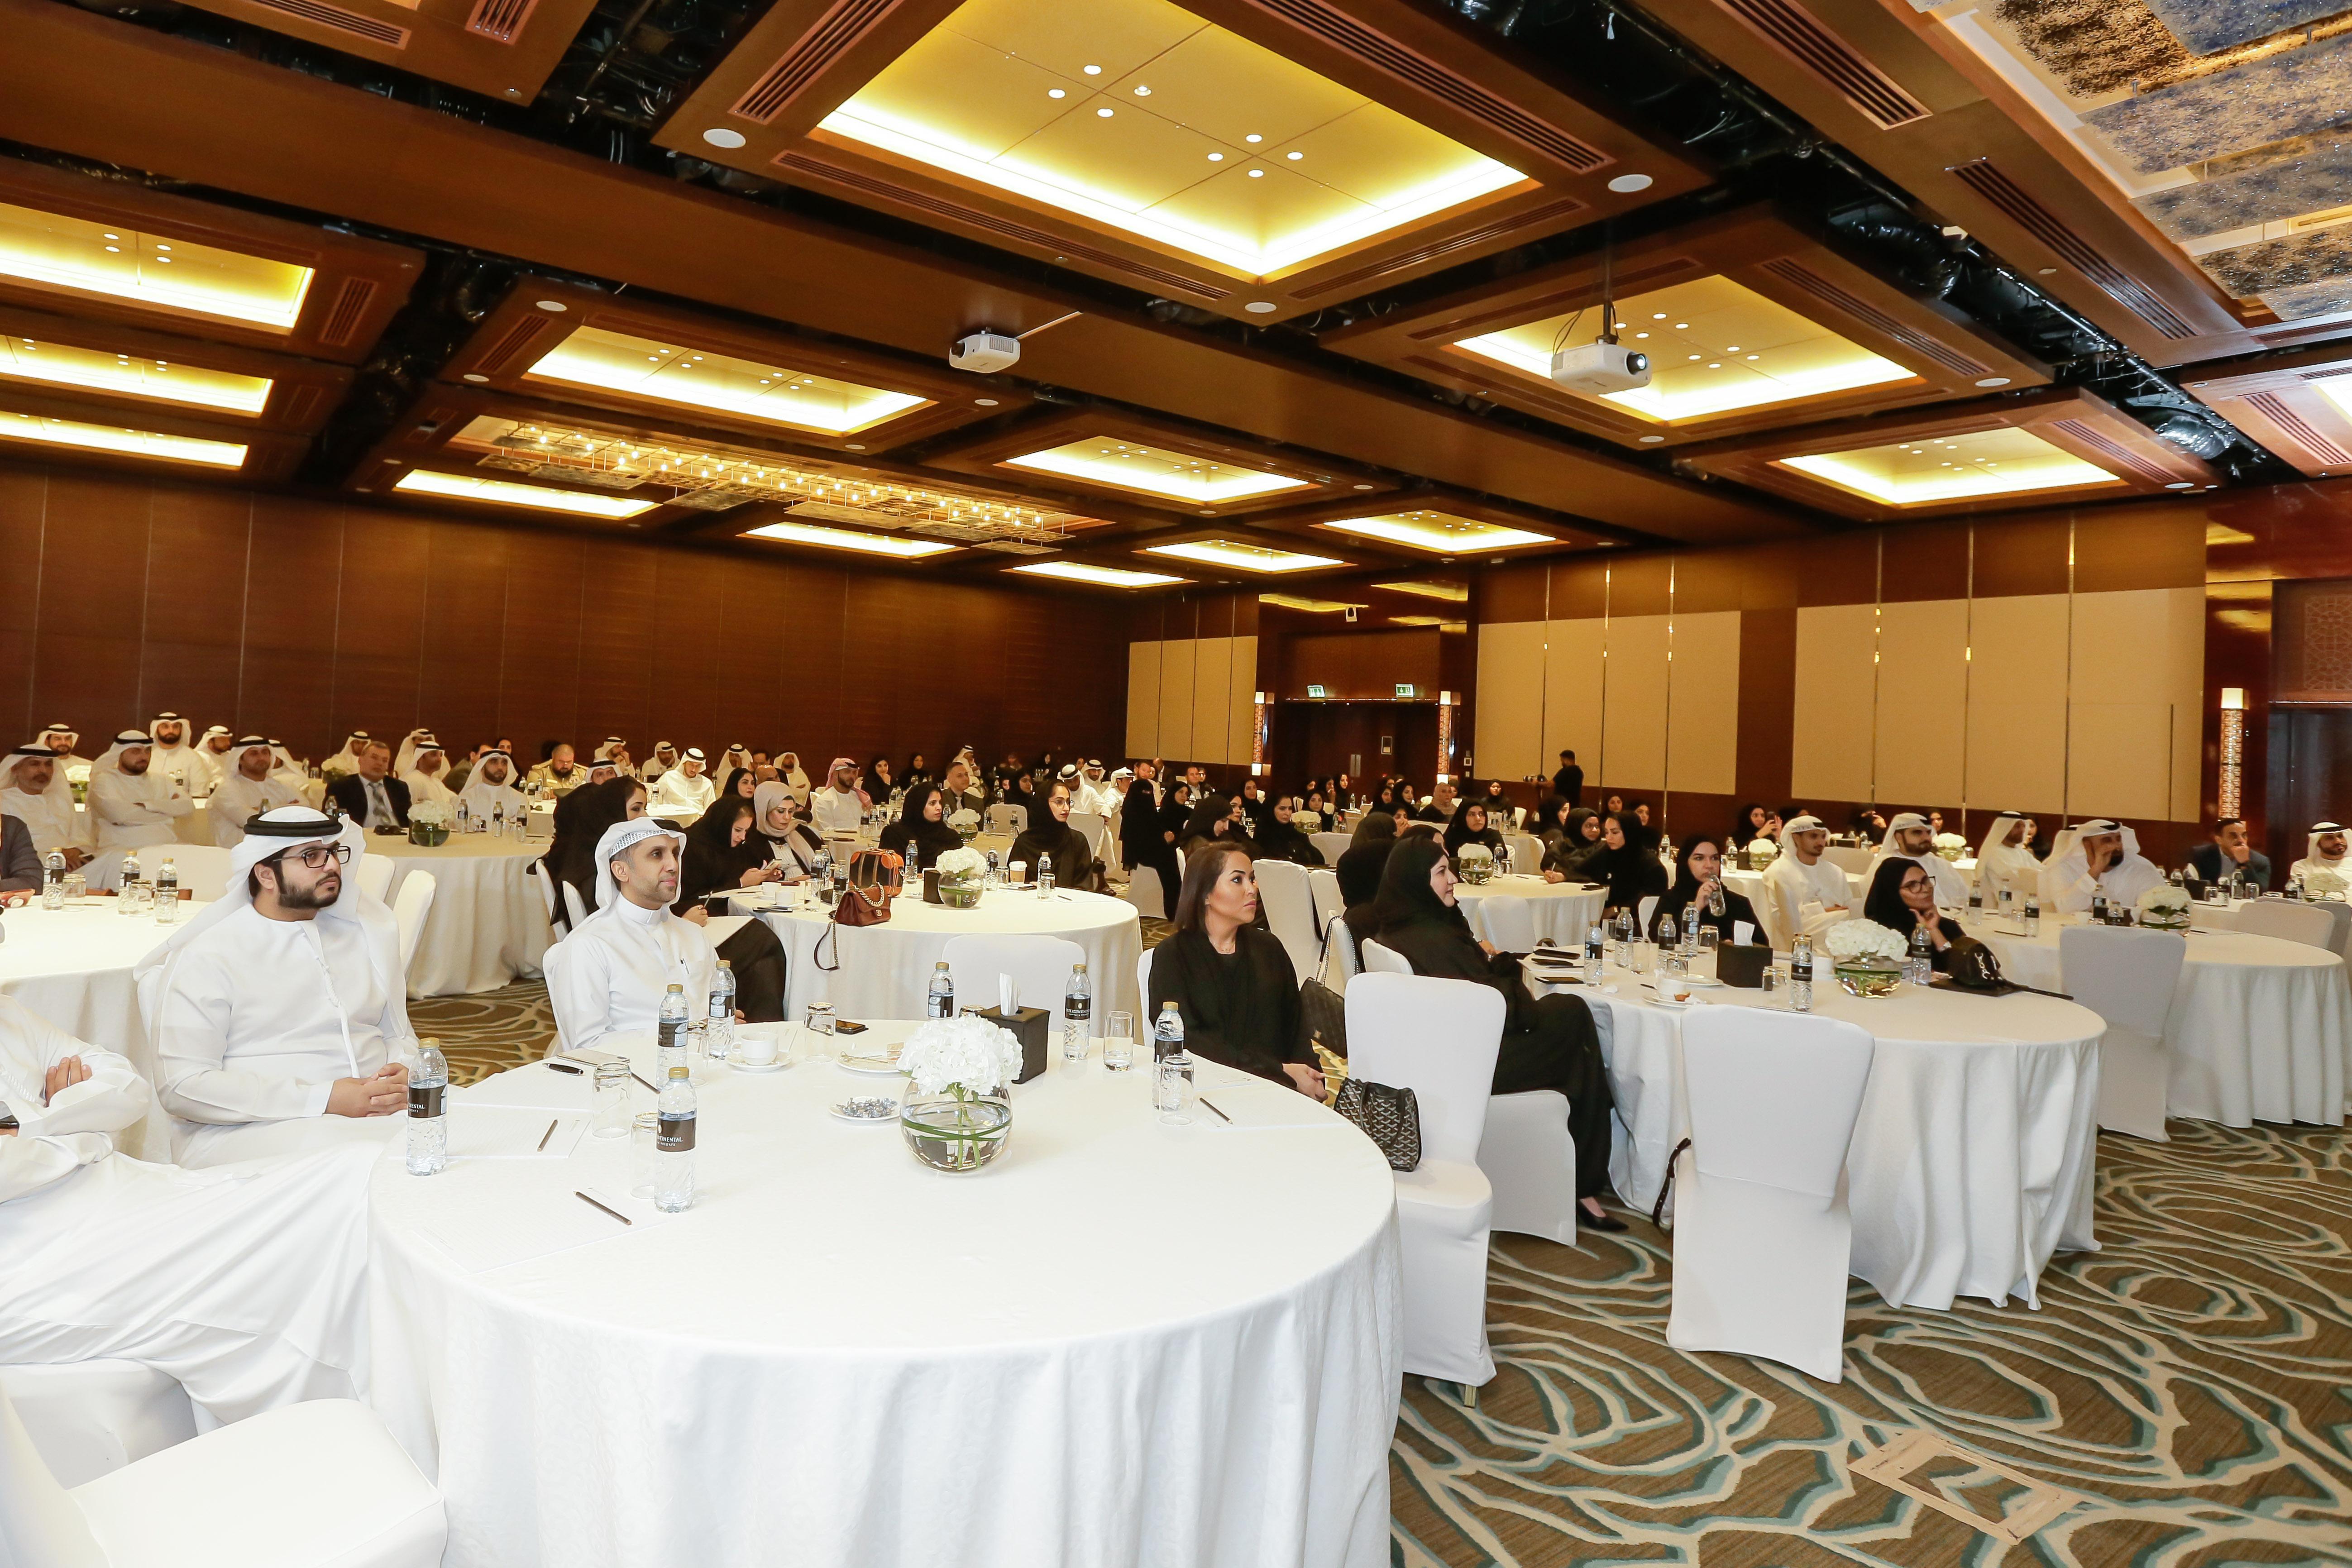 ملتقى الموارد البشرية يستعرض مستقبل التخصصات والوظائف في دوائر حكومة دبي